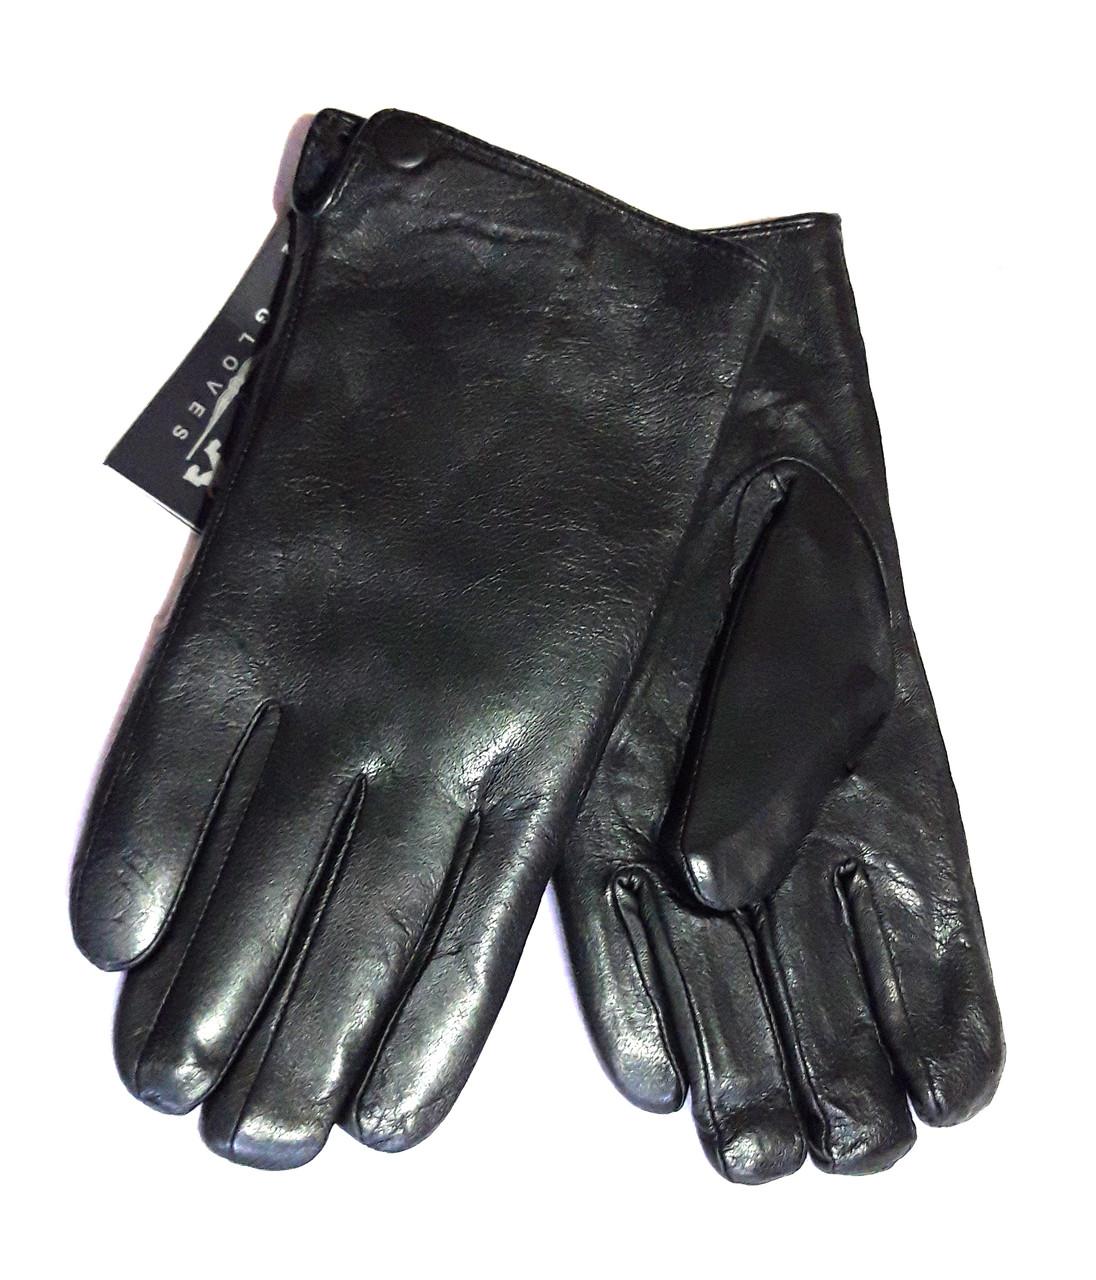 Кожаные мужские перчатки, подкладка мех (размеры 11,5-13,5)